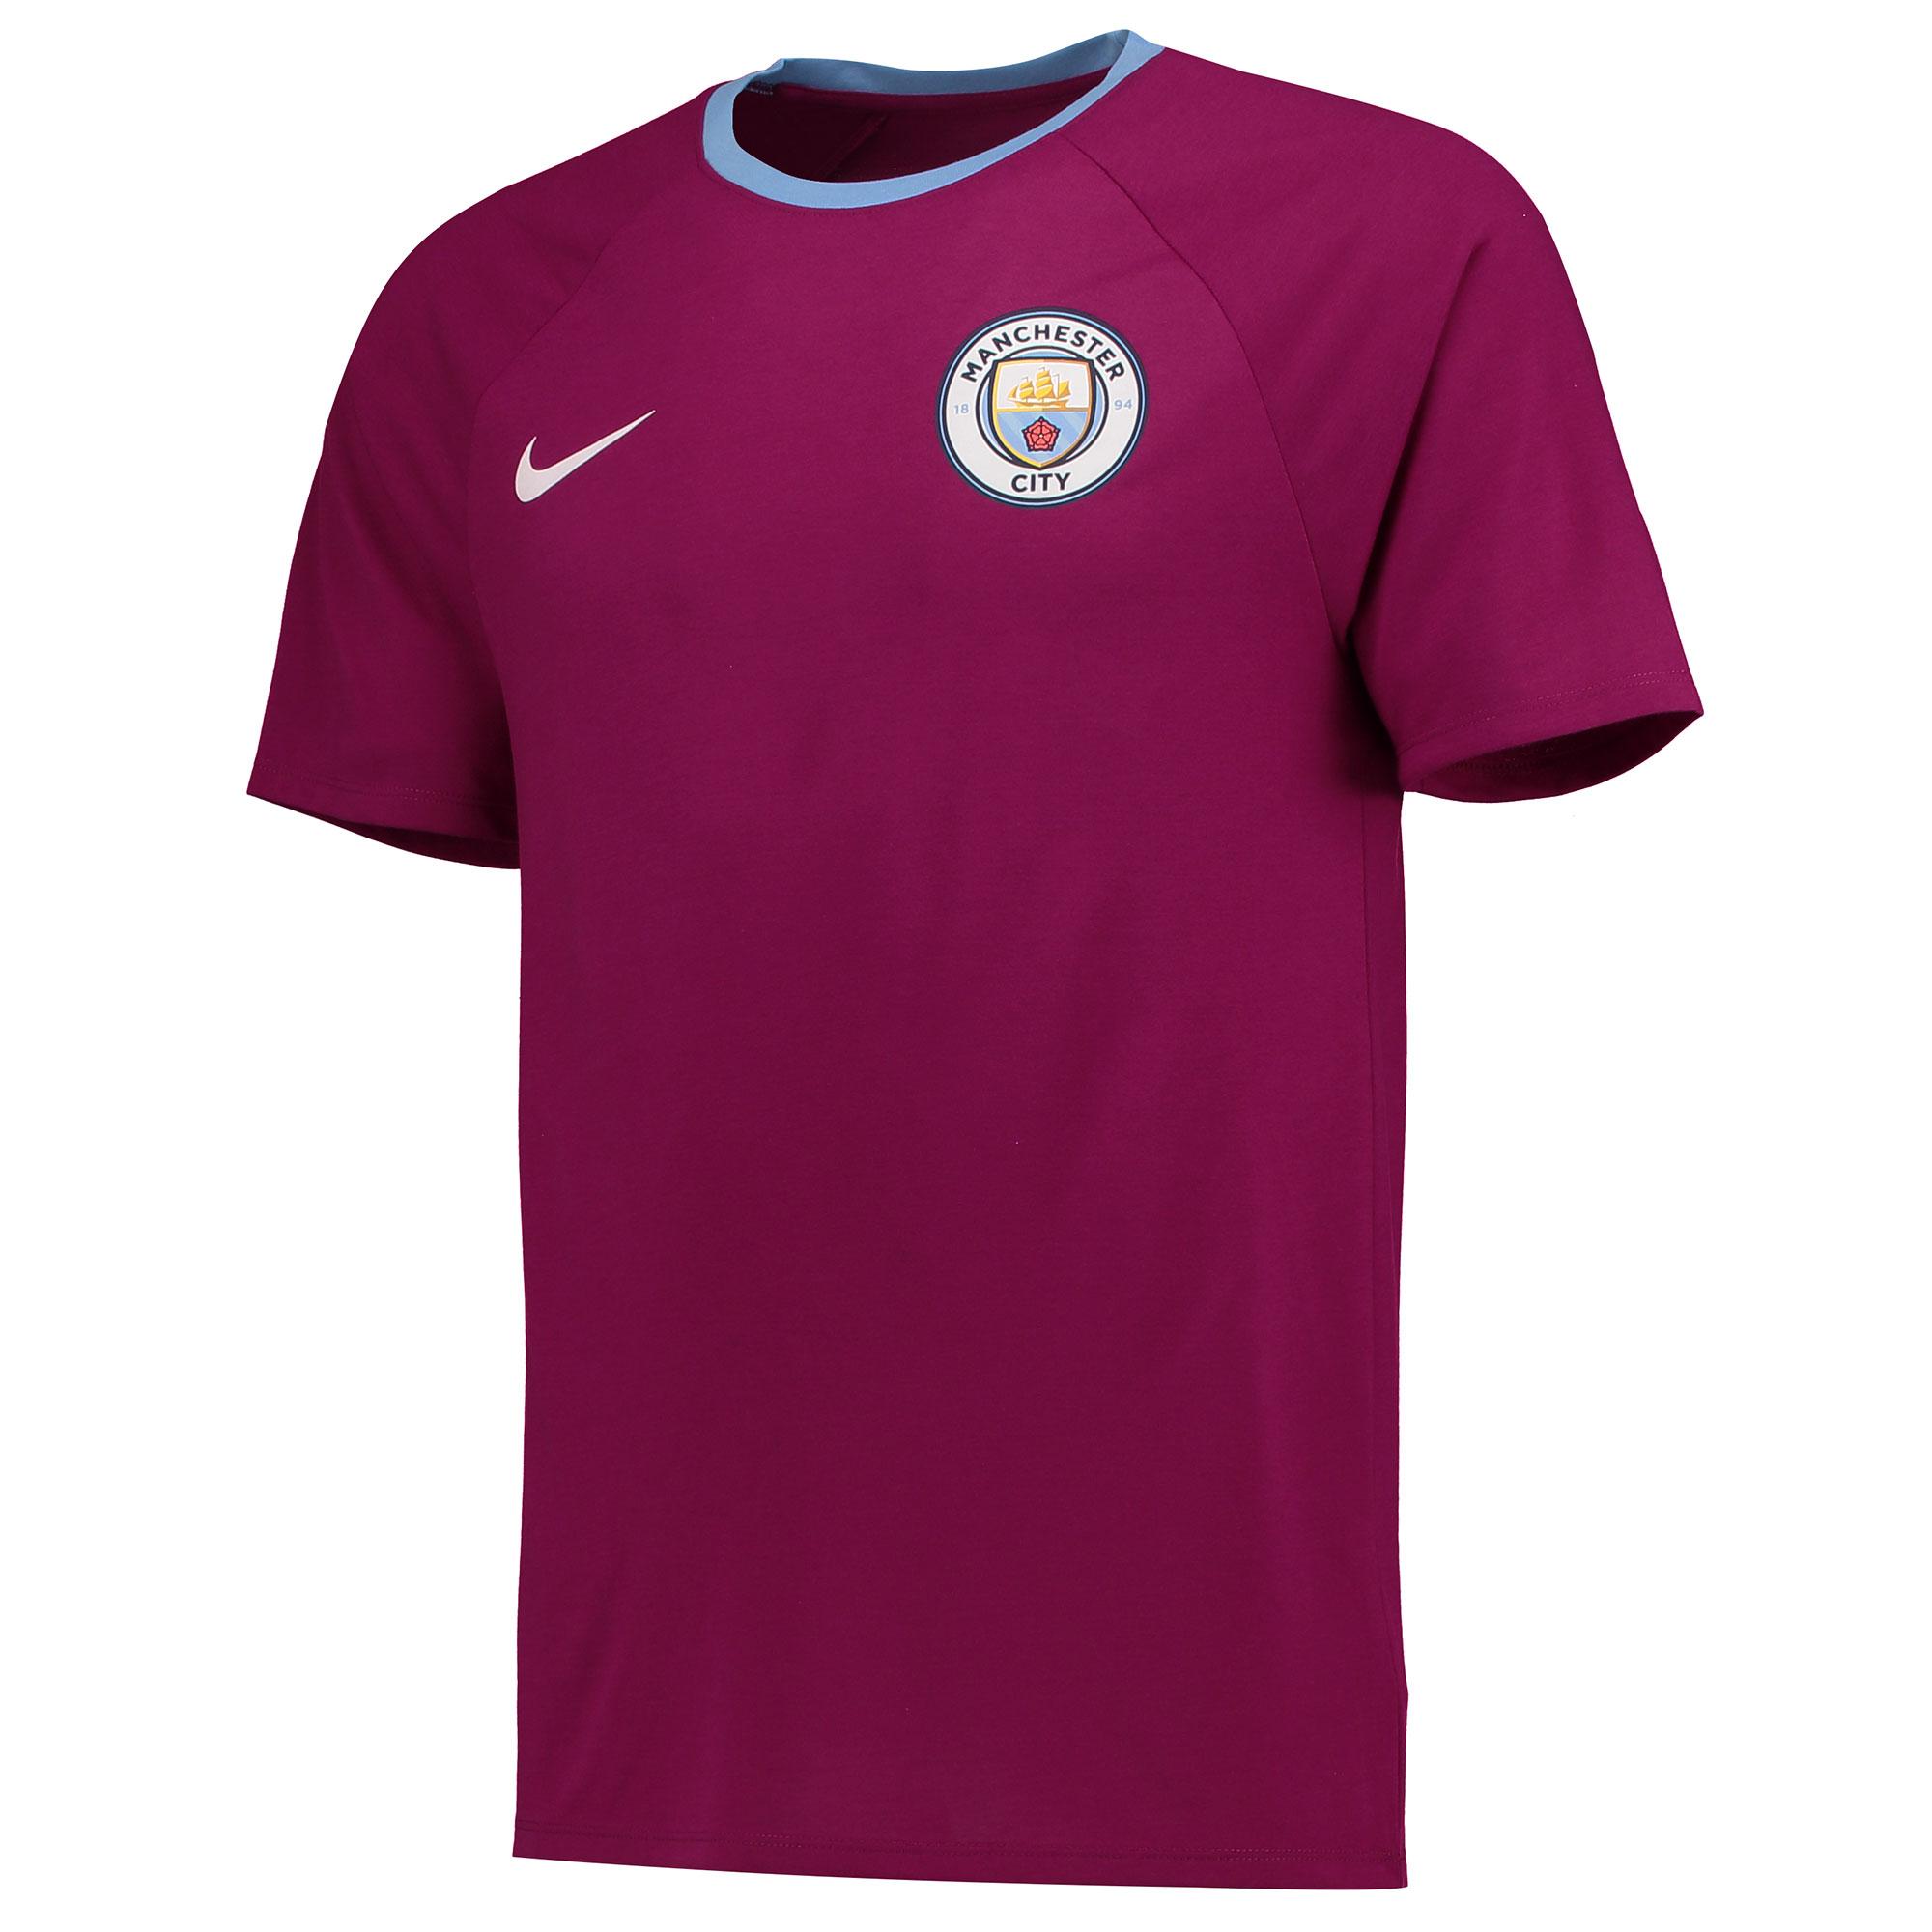 Manchester City Match T-Shirt - Maroon